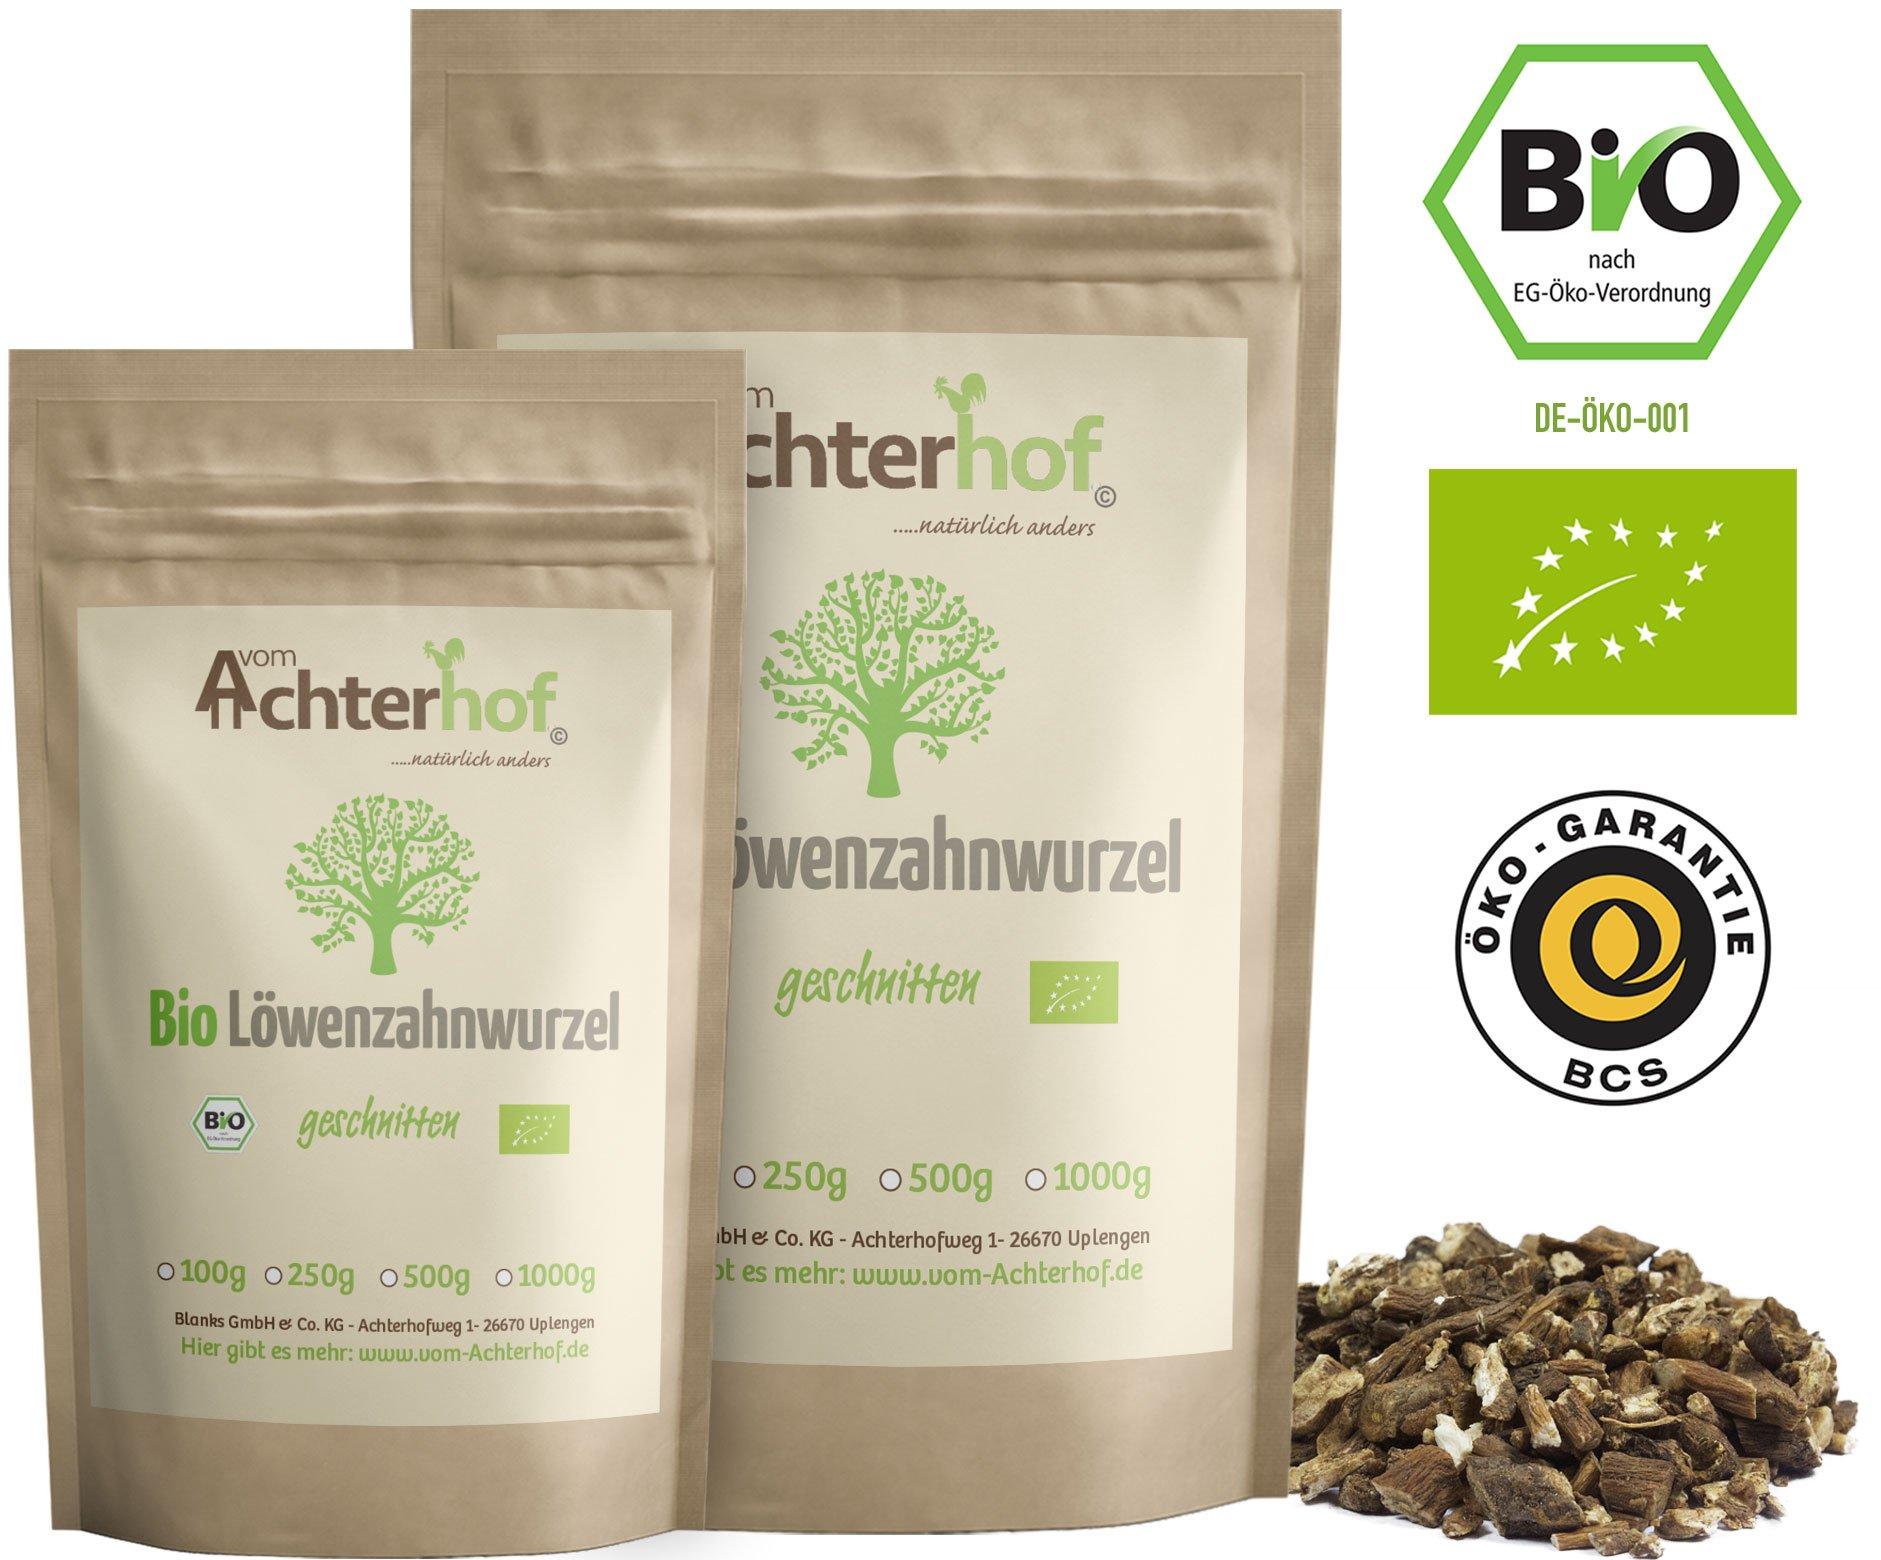 BIO-Lwenzahnwurzel-getrocknet-geschnitten-100g-Lwenzahn-Wurzel-Tee-vom-Achterhof-dandelion-root-cut-organic